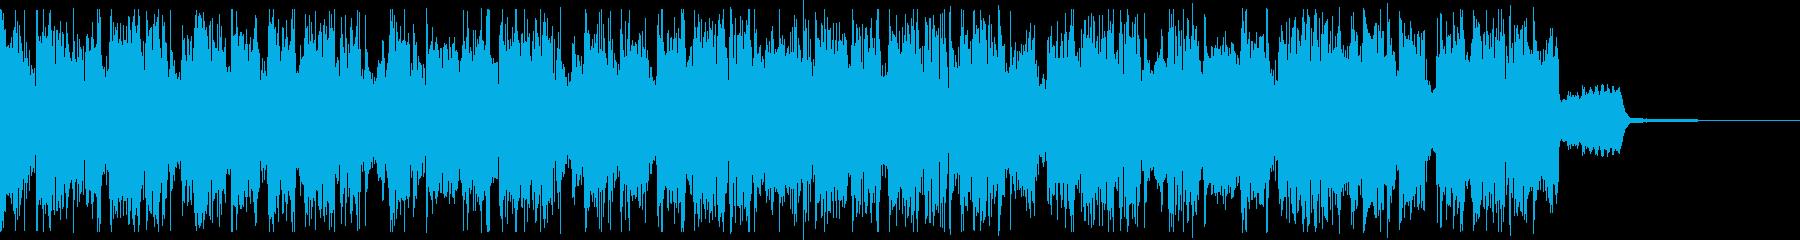 半音で行き来するトランペットのジングルの再生済みの波形